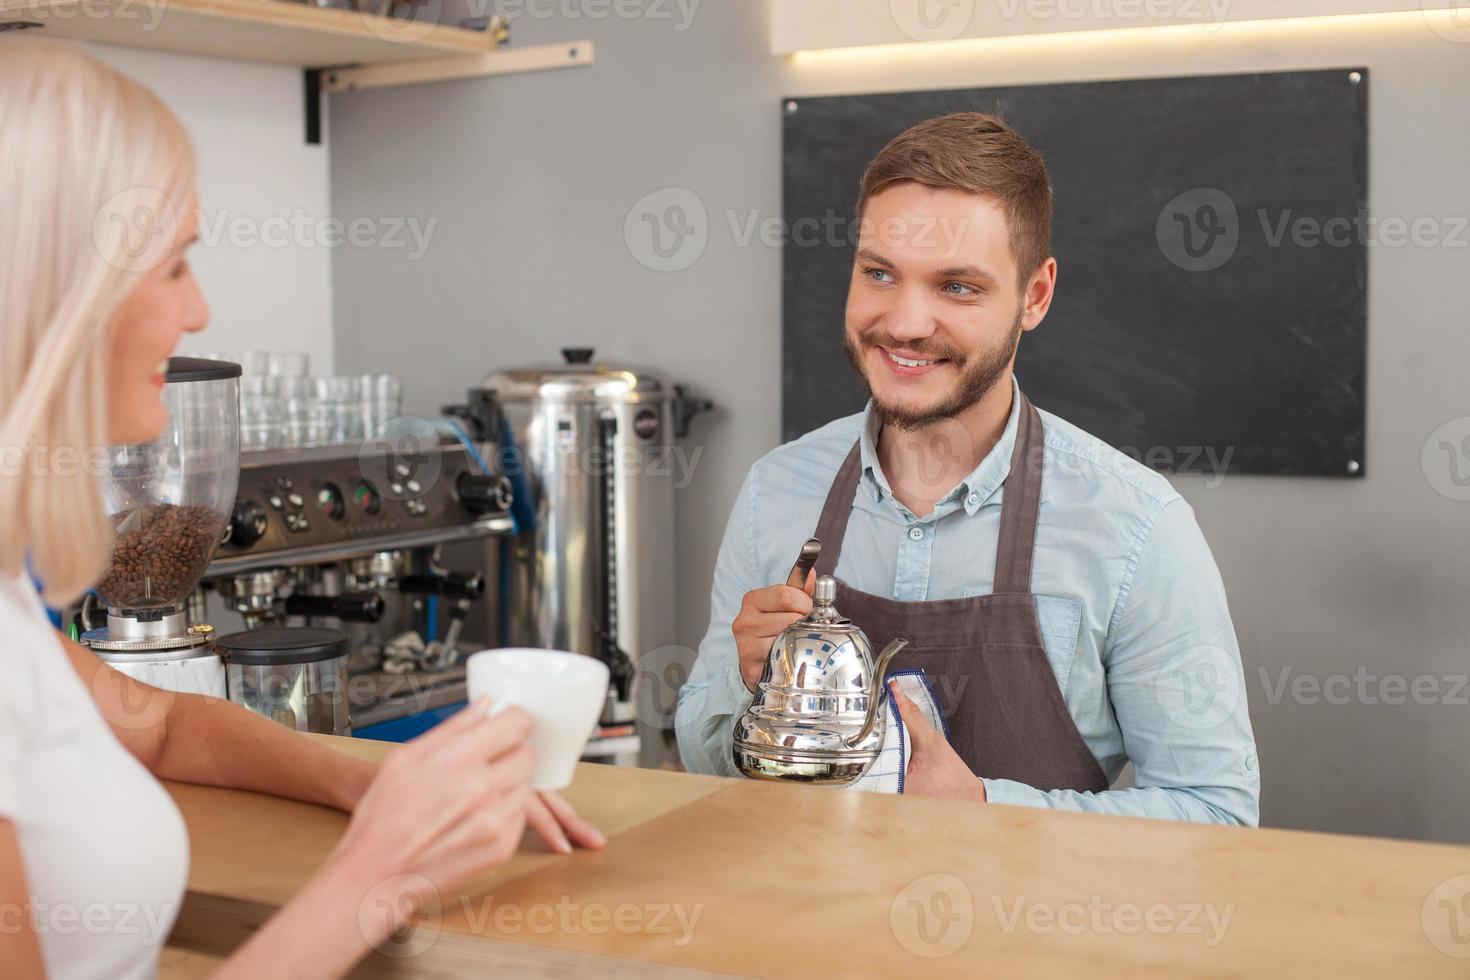 fröhlicher männlicher Besitzer der Cafeteria dient Kunden foto